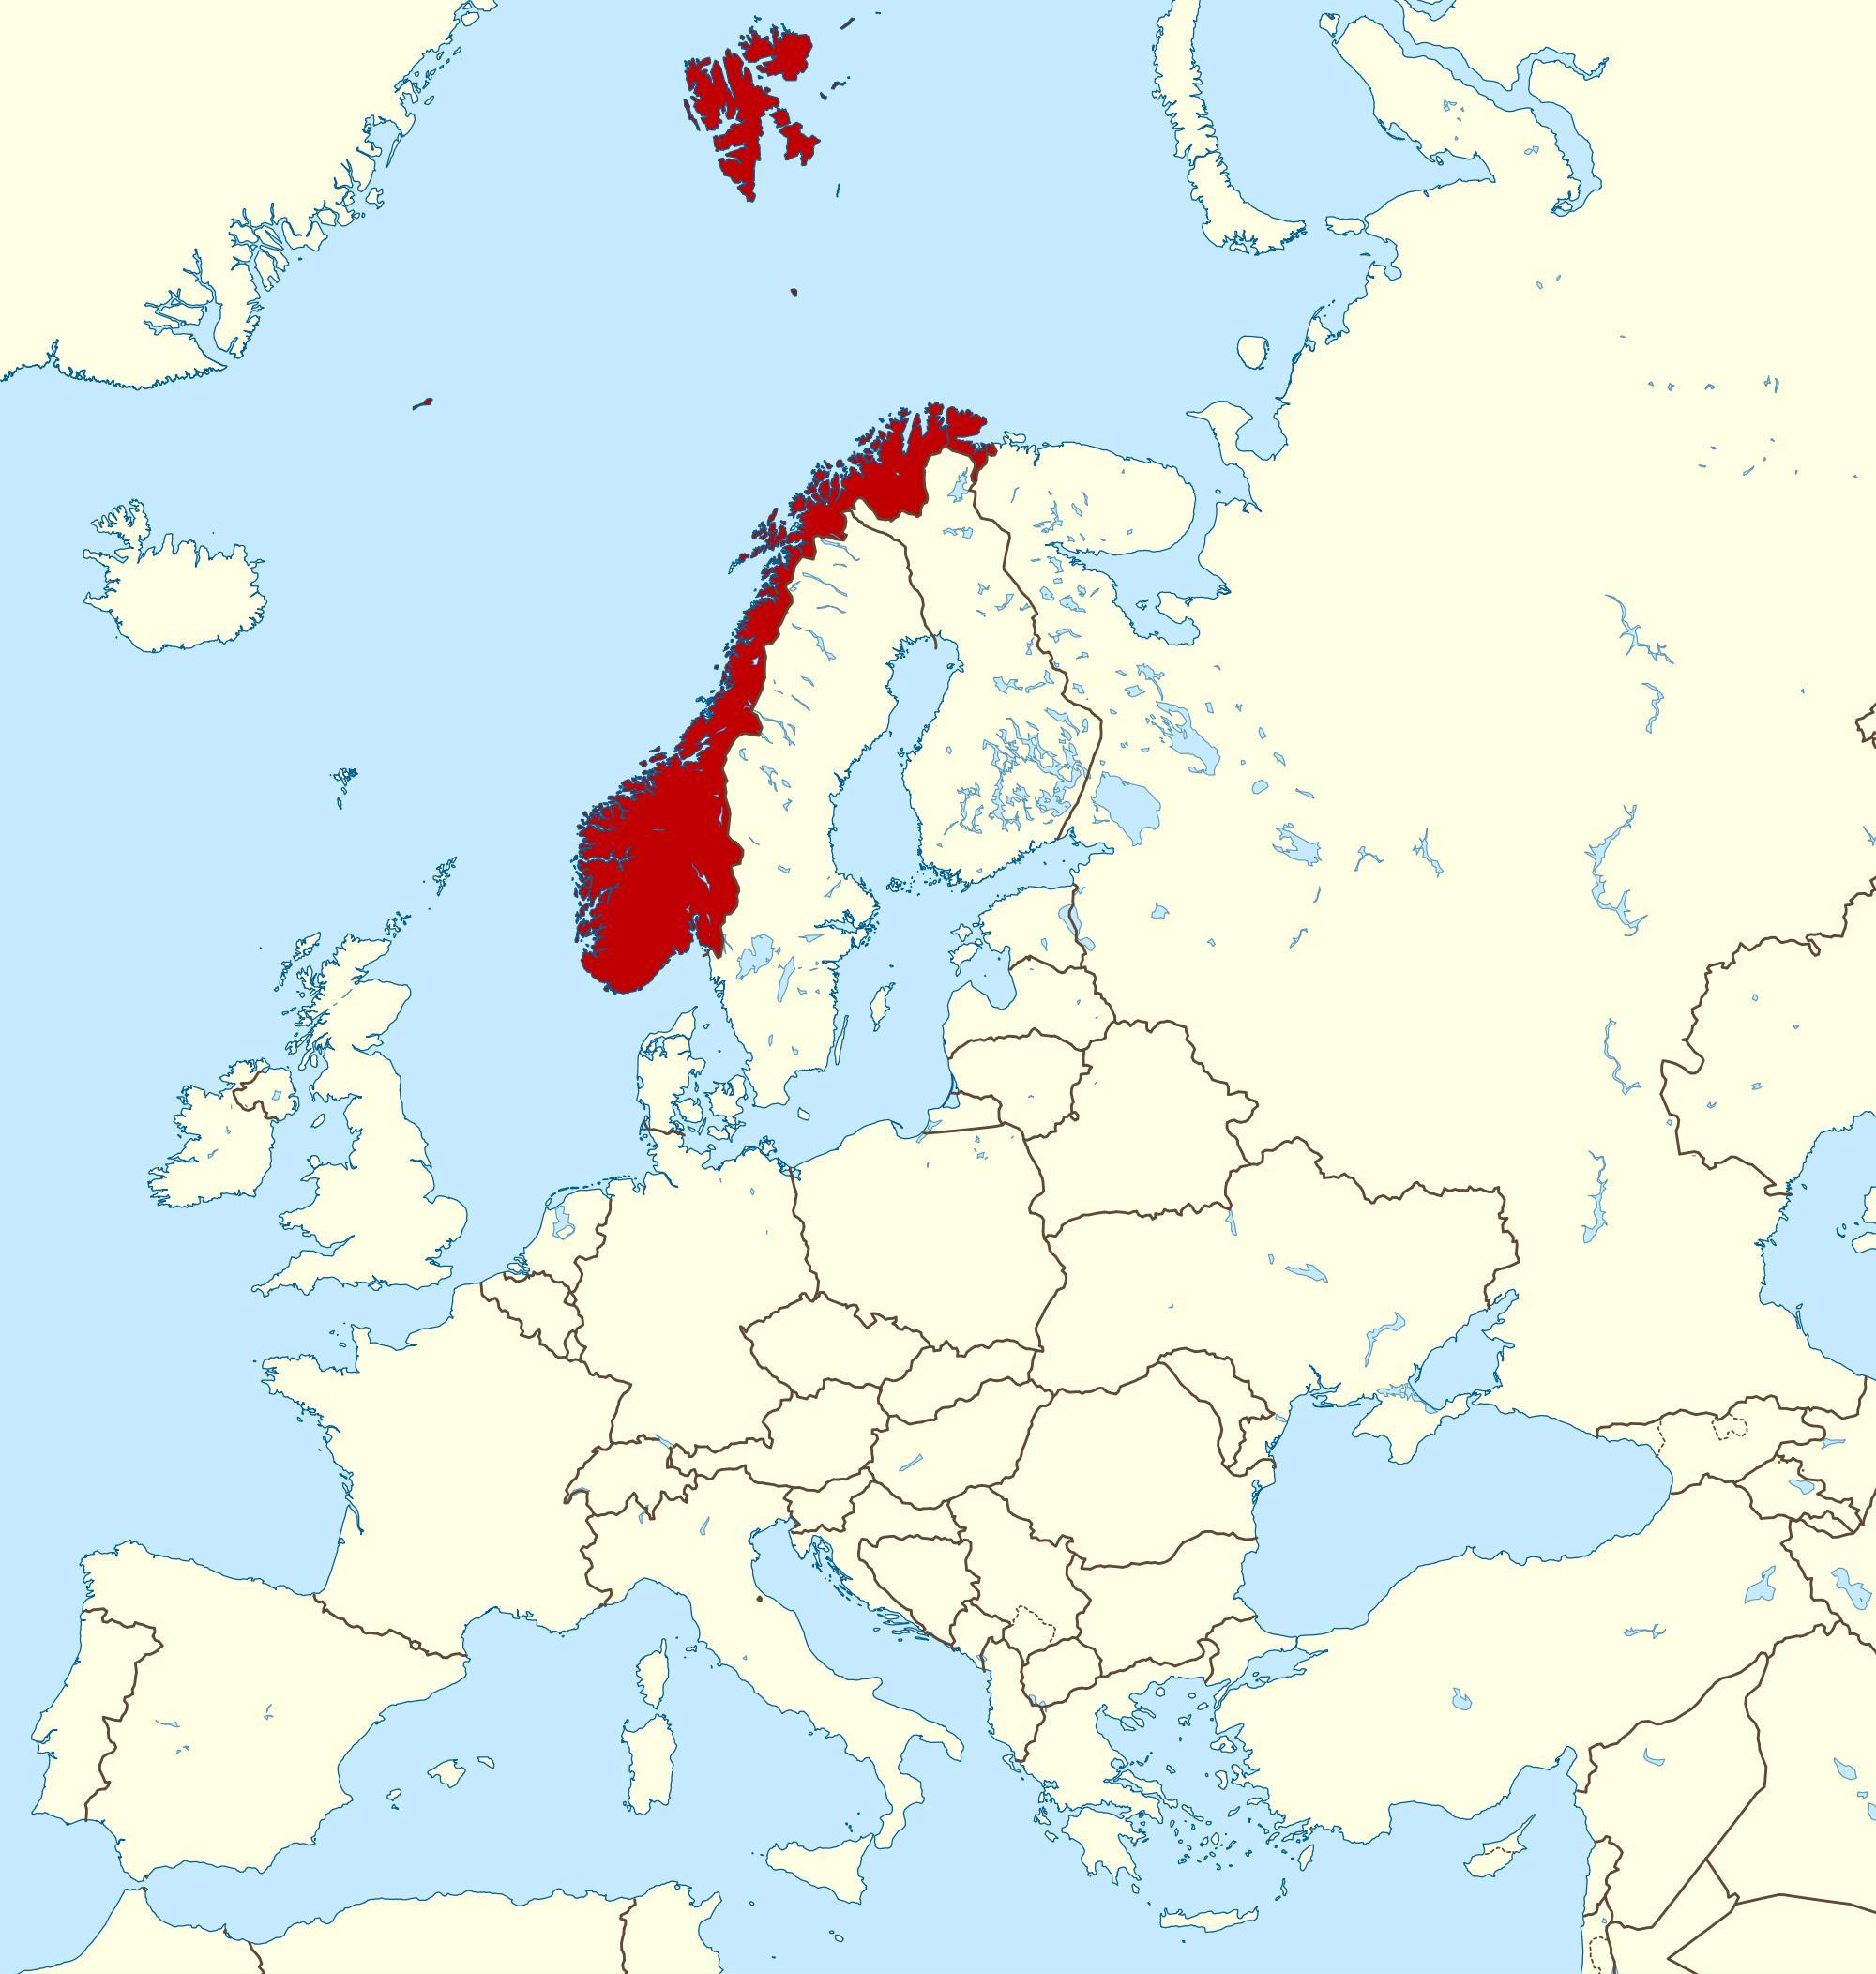 Carte Europe Norvege.La Norvege Carte Europe Carte De La Norvege Et De L Europe